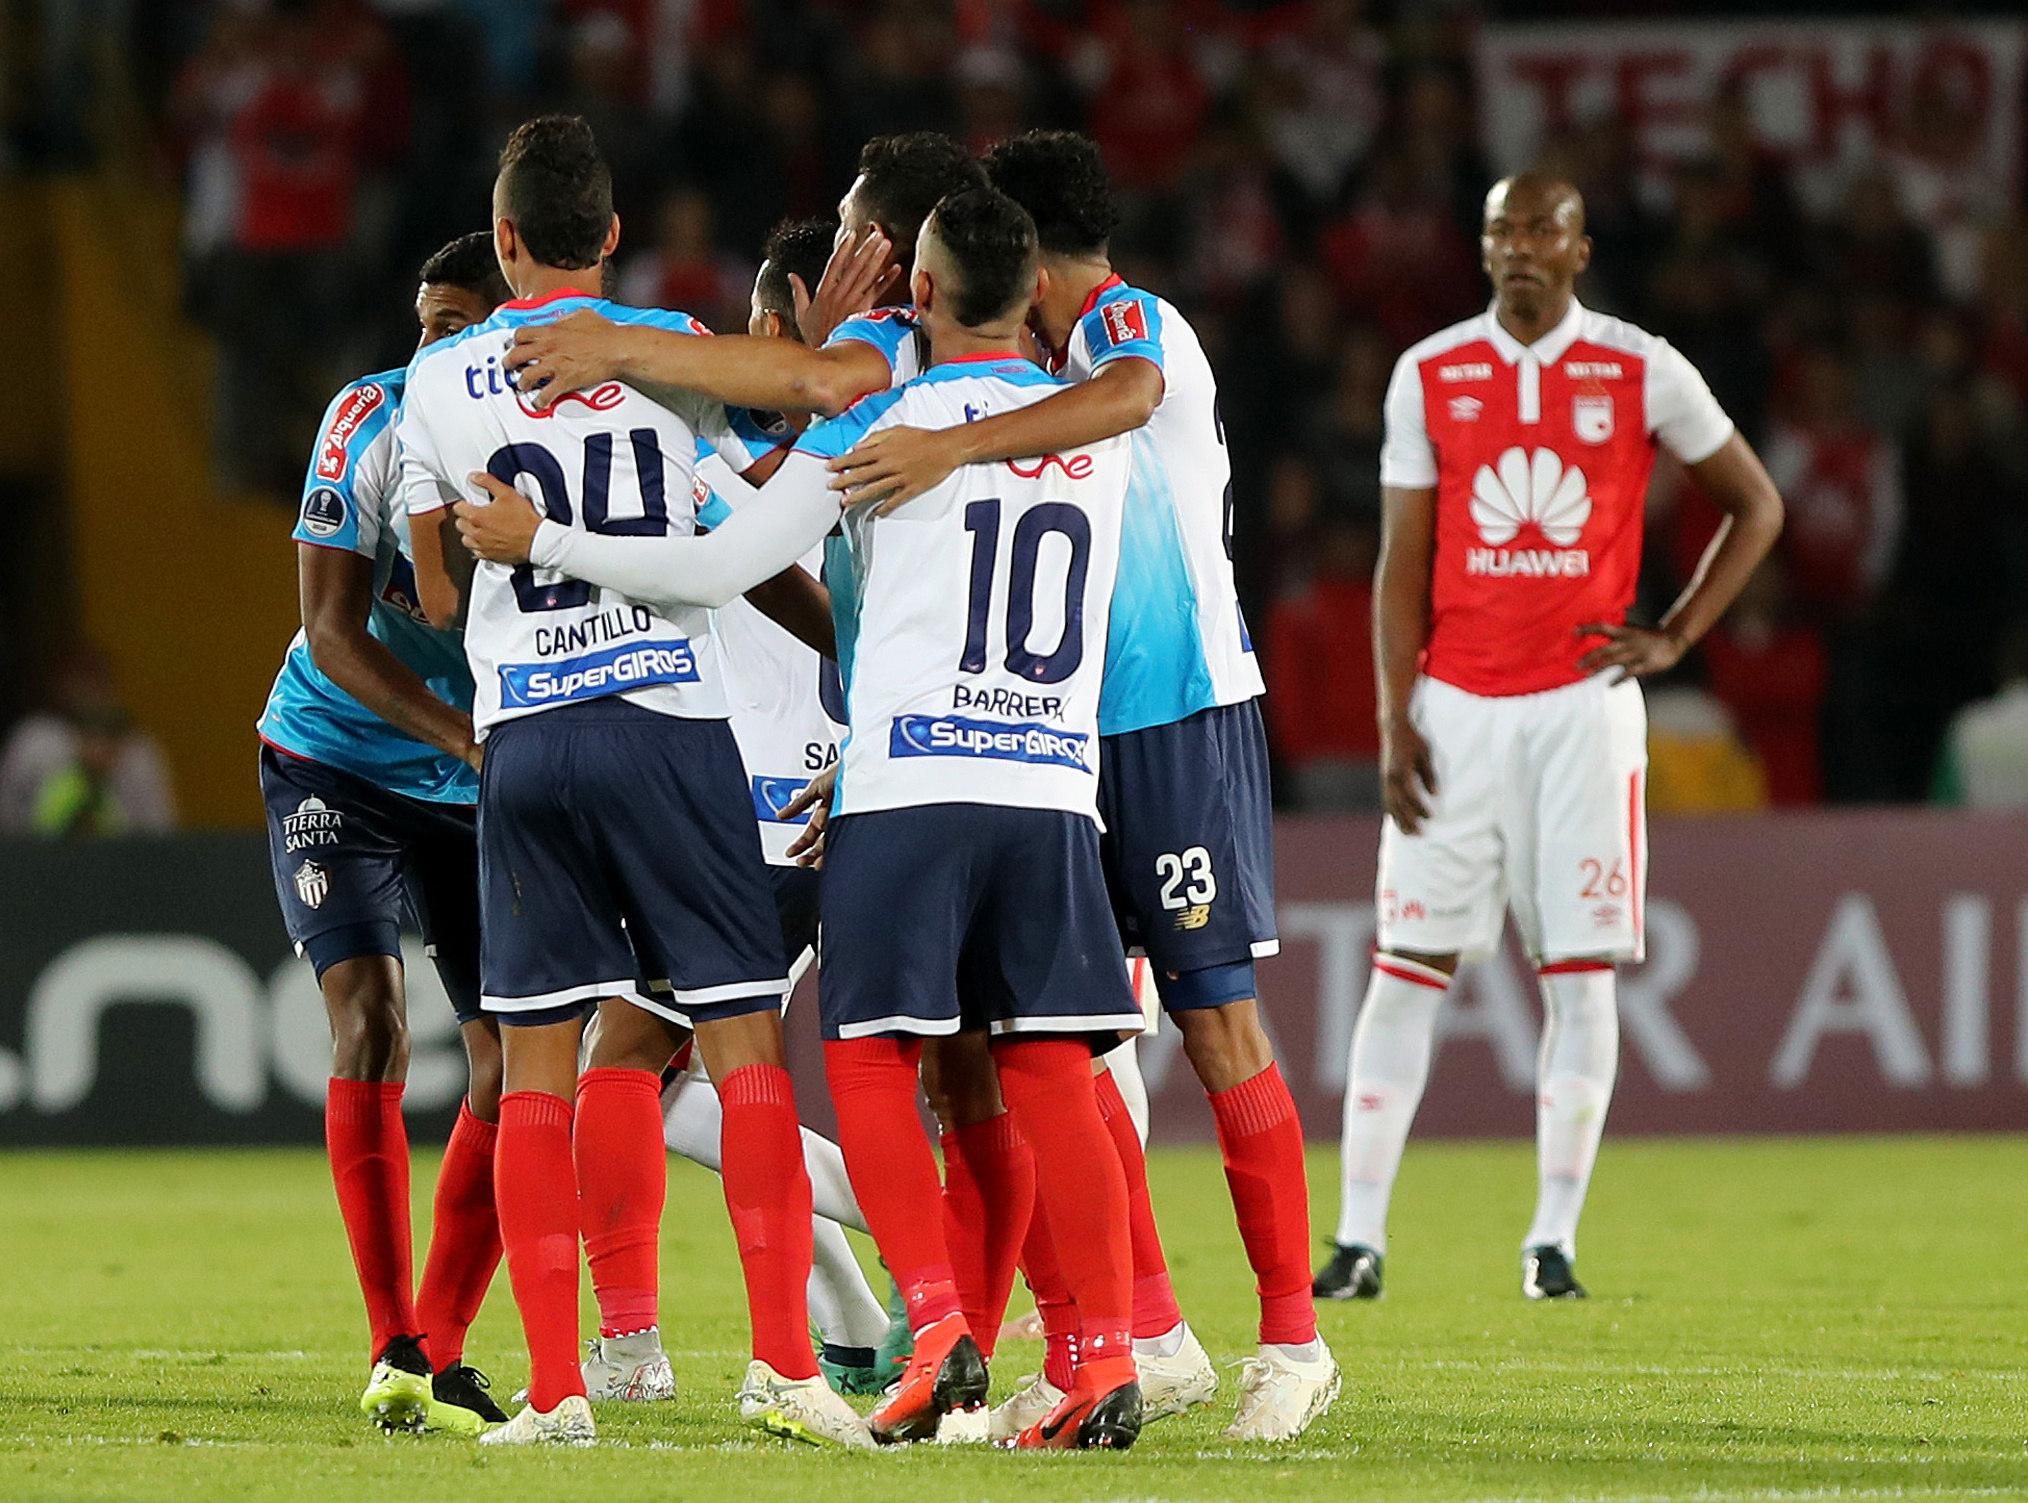 Teofilo Gutiérrez celebra con sus compañeros luego de anotar en un partido de las semifinales de la Copa Sudamericana entre Independiente Santa Fe y Atlético Junior, en el estadio El Campín. (EFE/Leonardo Muñoz)